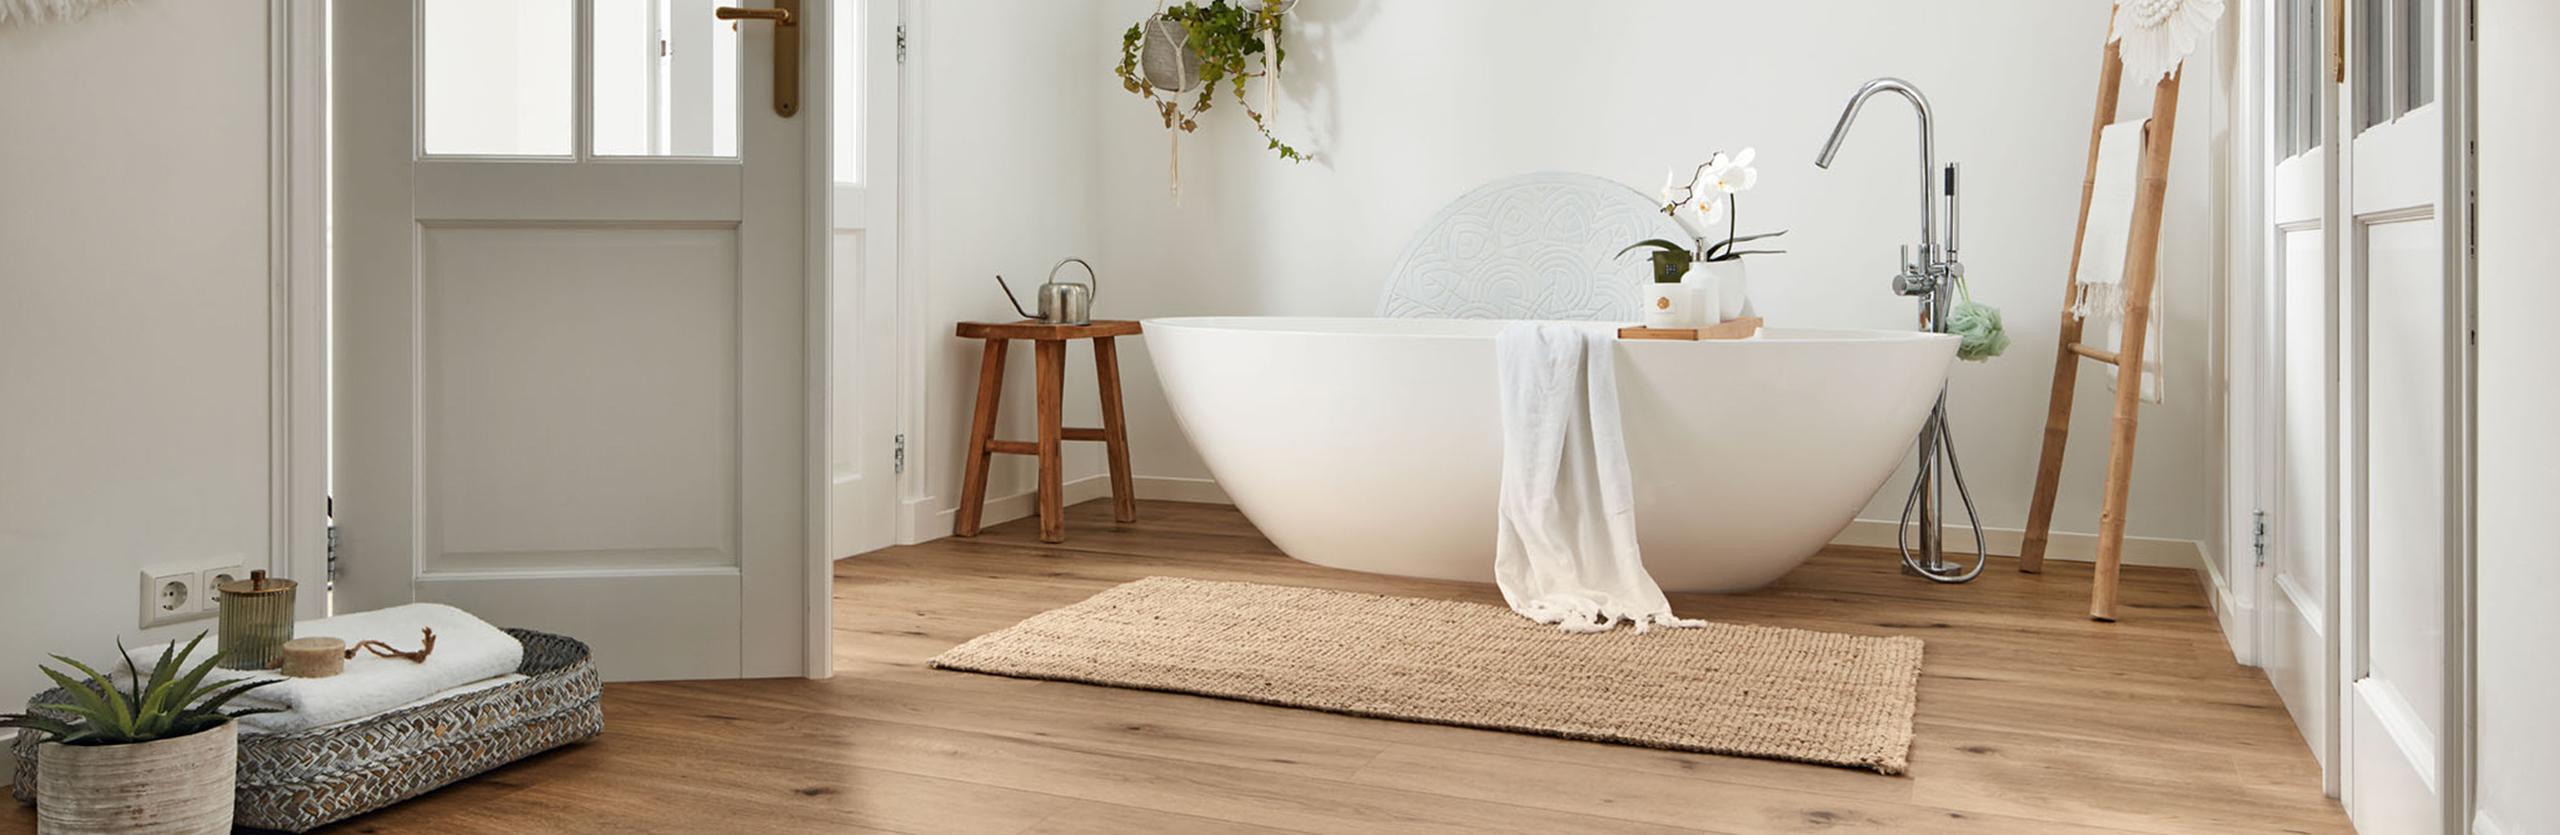 laminat in gemuetlichem badezimmer